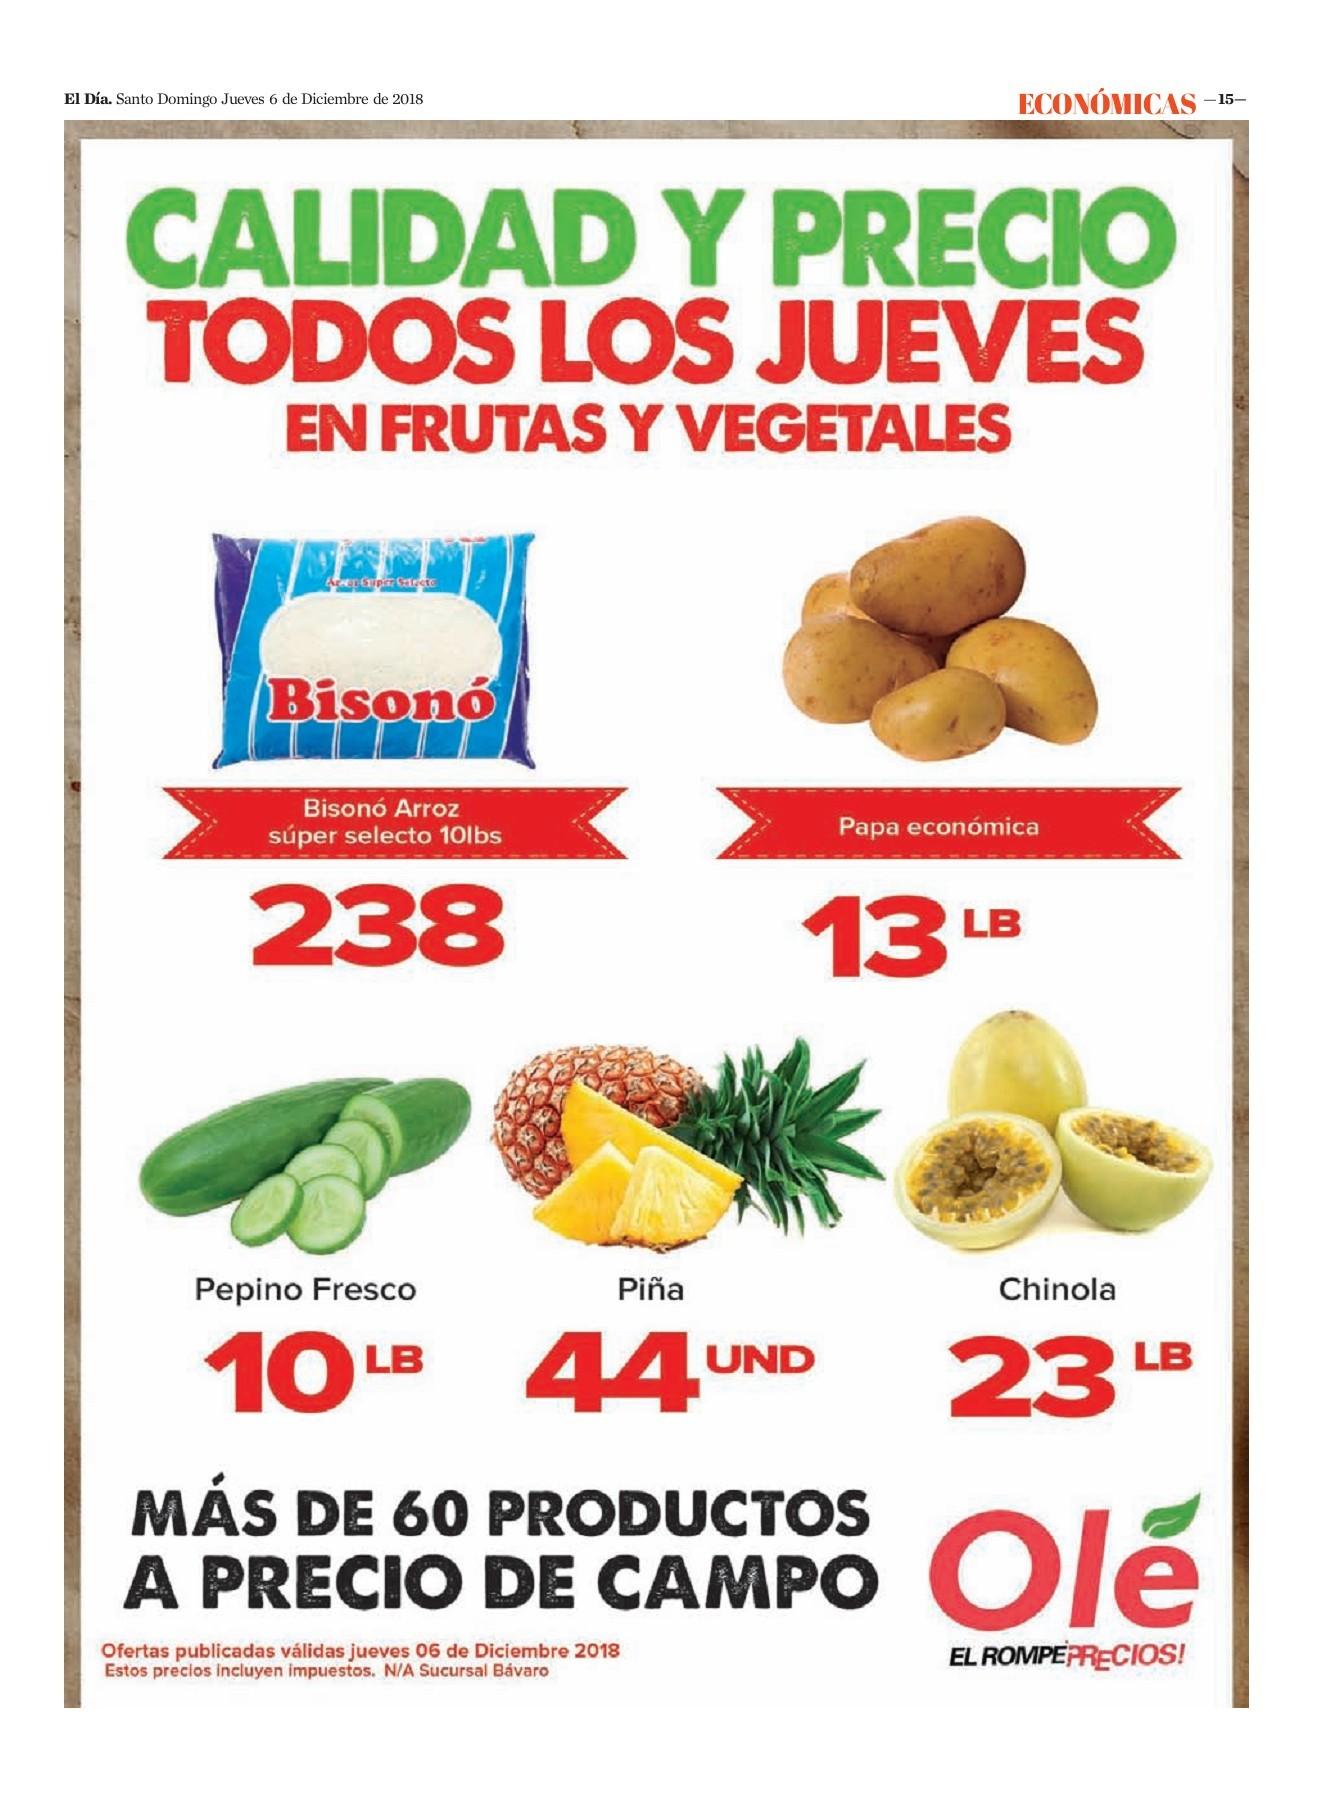 Encarte Olé, Jueves 06 de Diciembre 2018